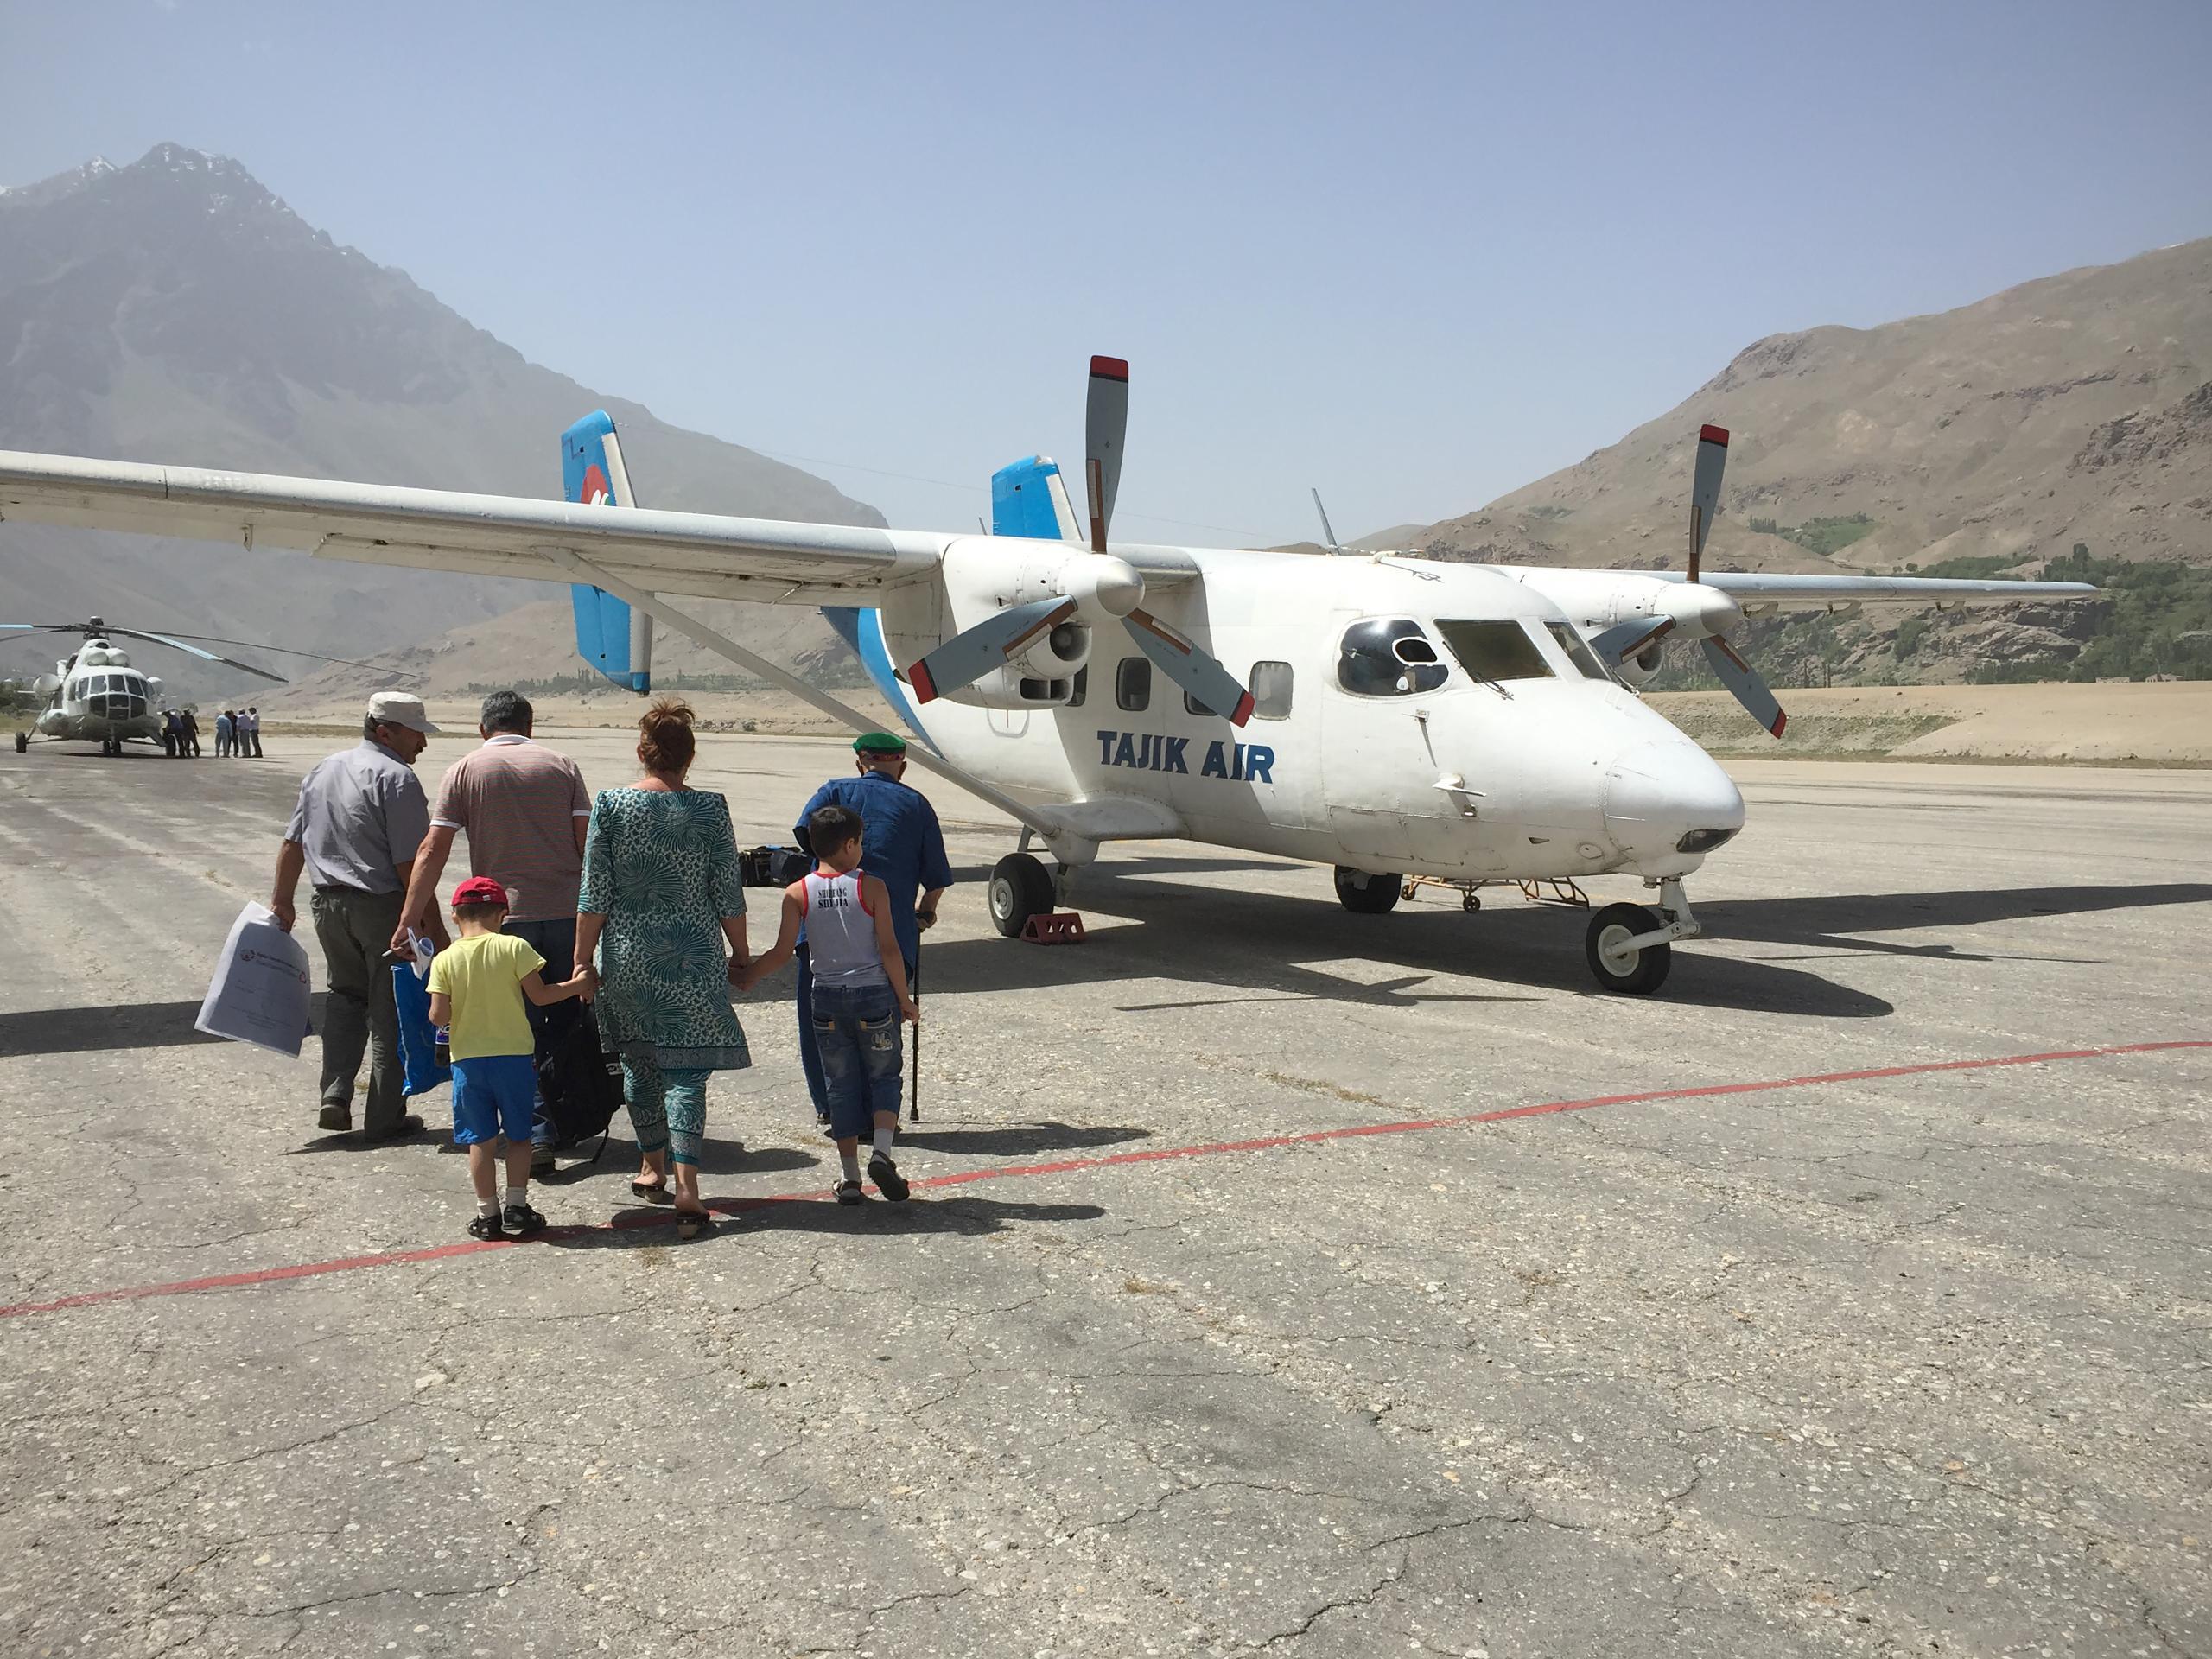 Этим жителям Хорога повезло с погодой: сейчас они поднимутся над горами, чтобы улететь в Душанбе.